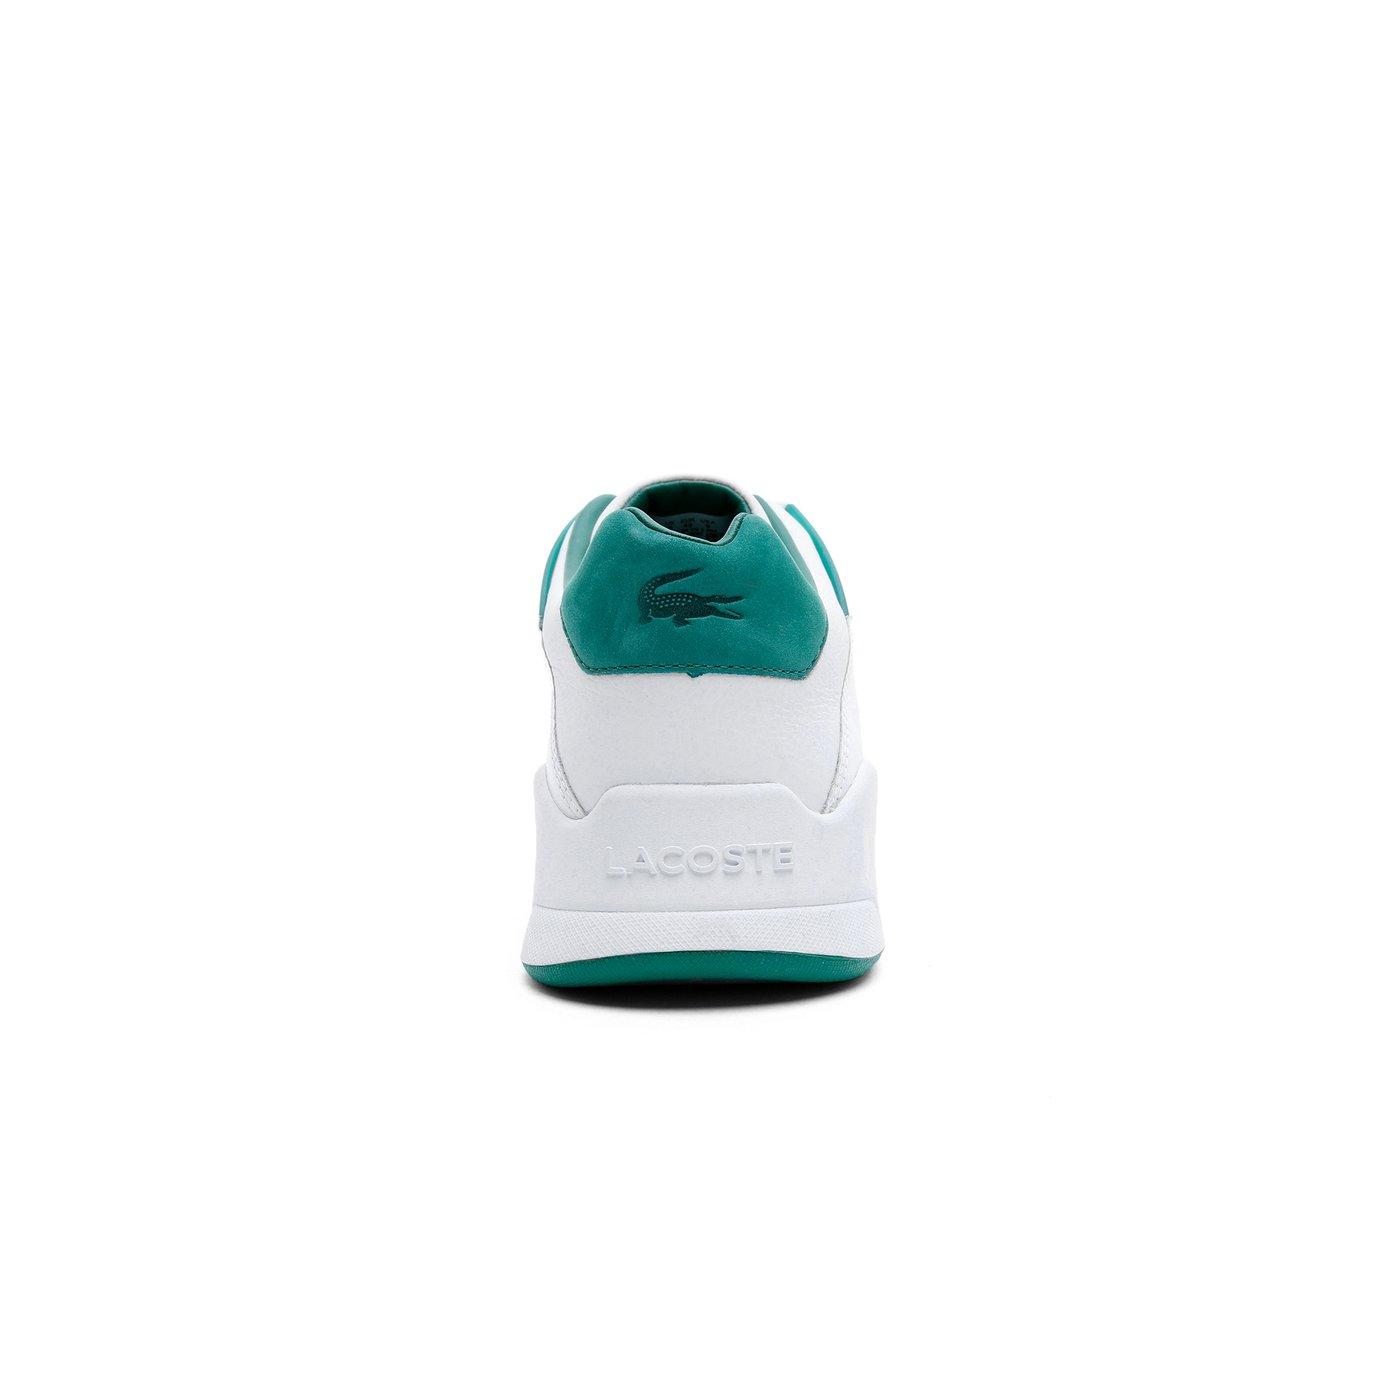 Lacoste Court Slam Erkek Beyaz - Yeşil Spor Ayakkabı